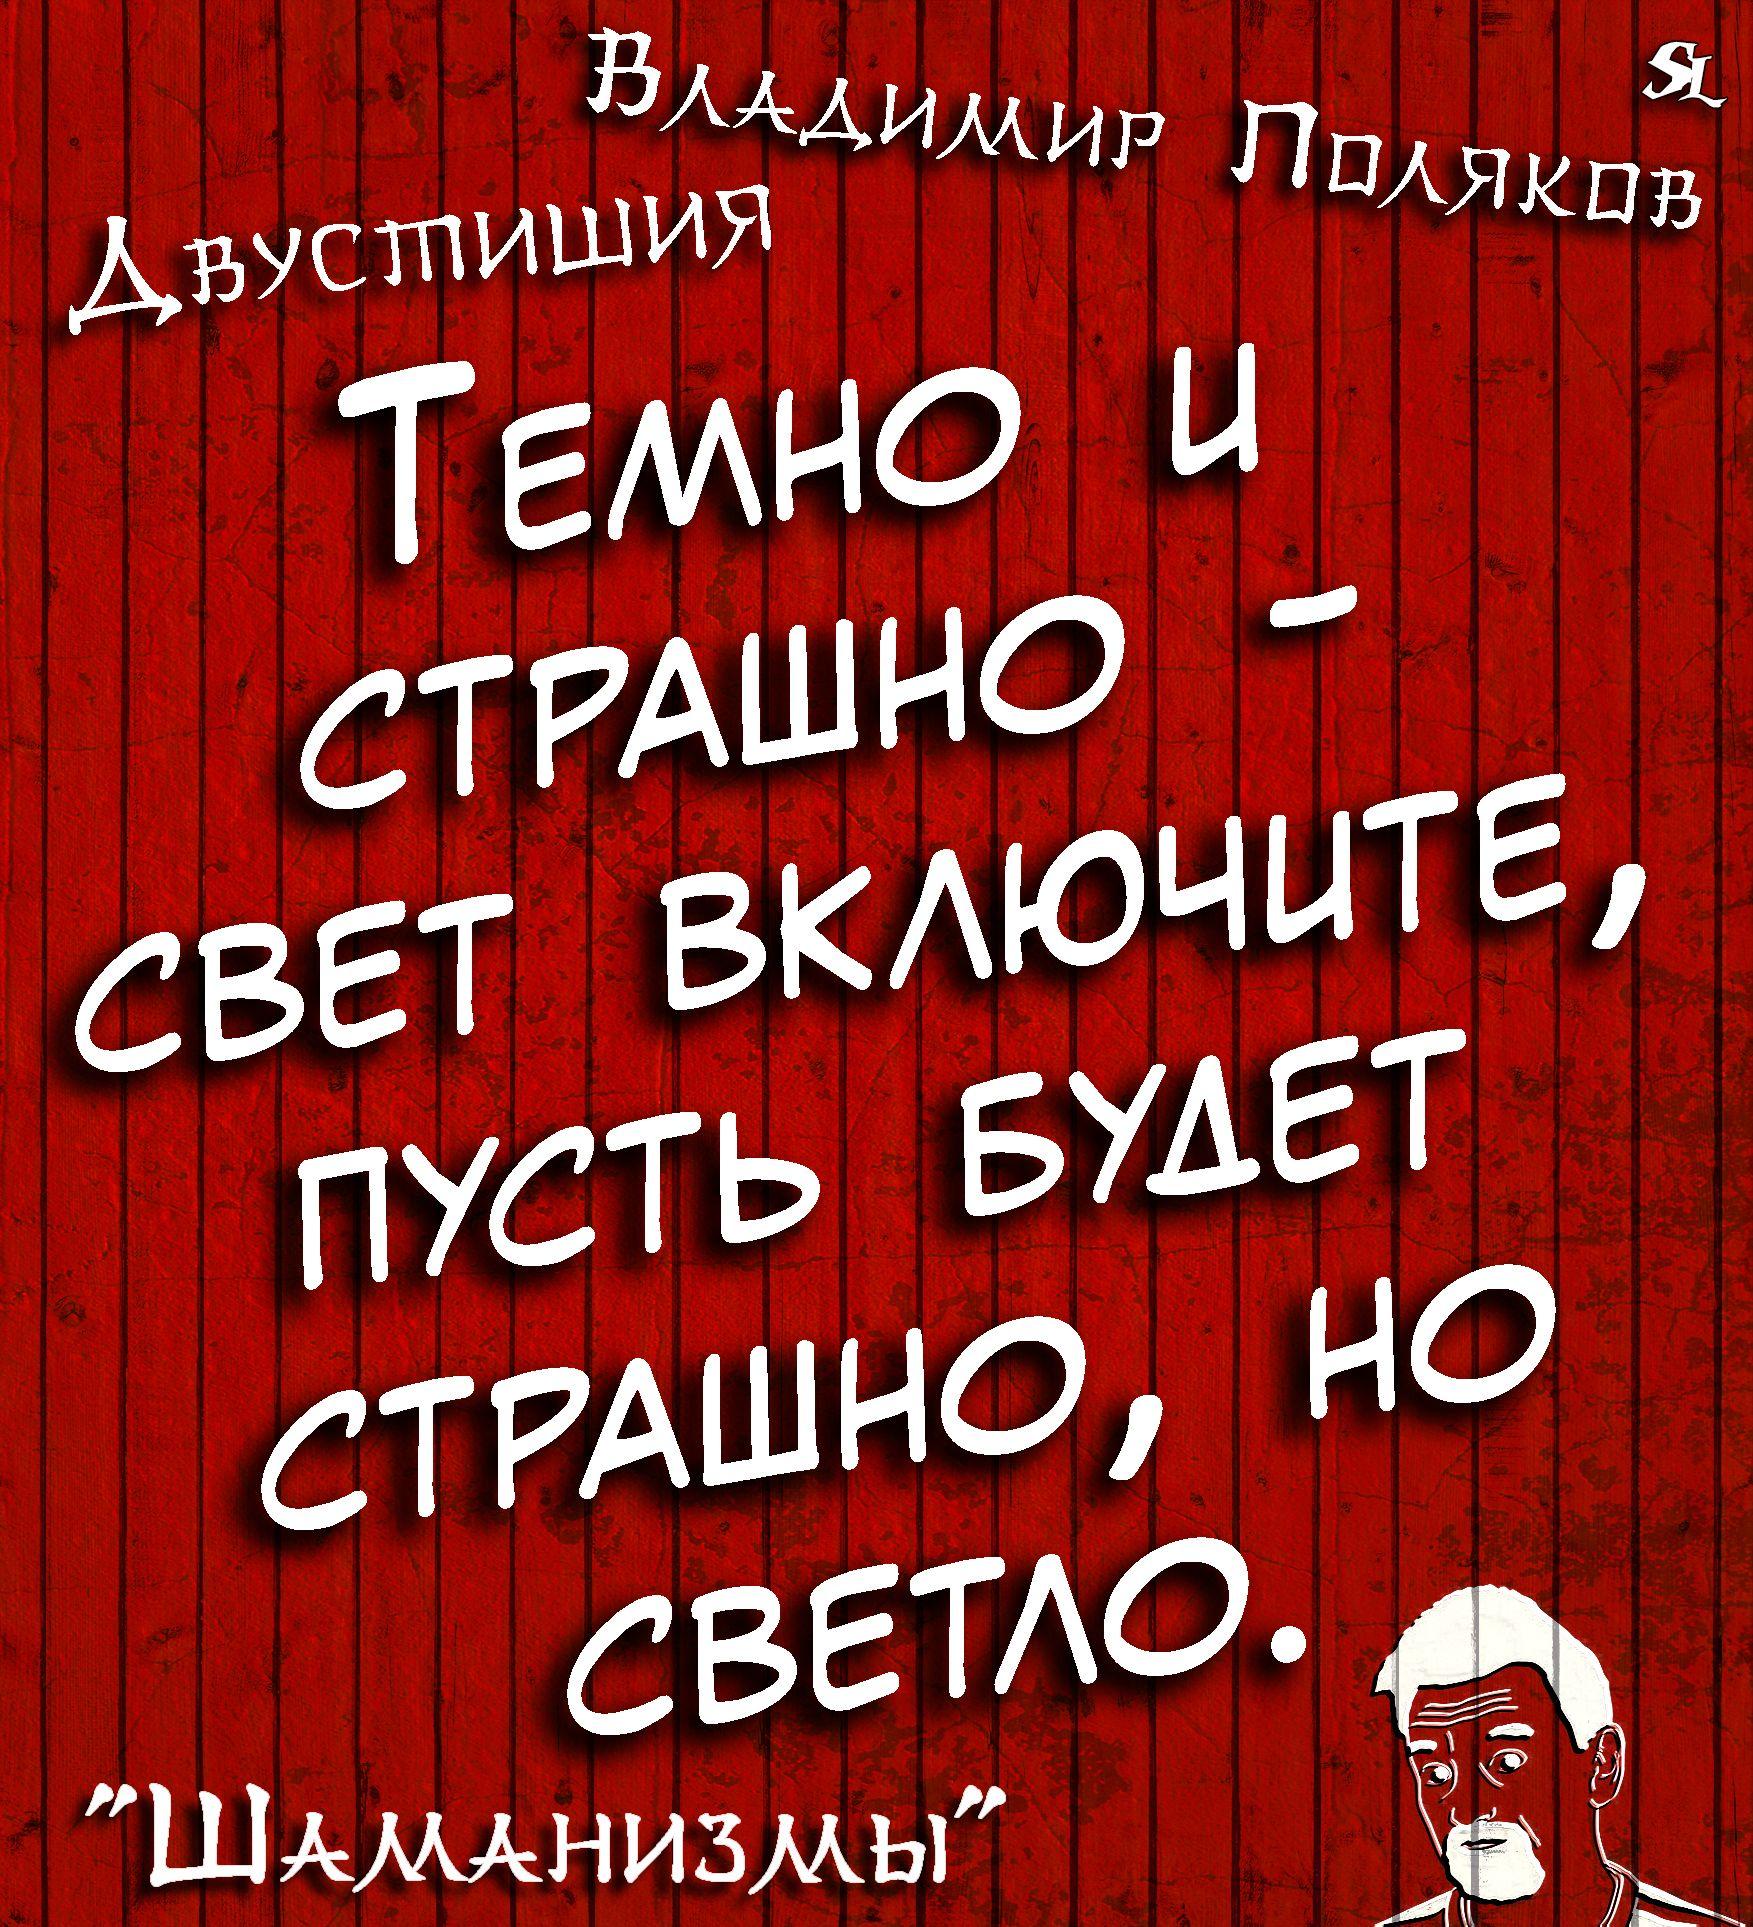 Dvustishie Vladimir Polyakov Shamanizmy Shutki Prikol Yumor Jokes Funny Humor Memes Shaman Led Quotations Phrase Of The Day Quotes